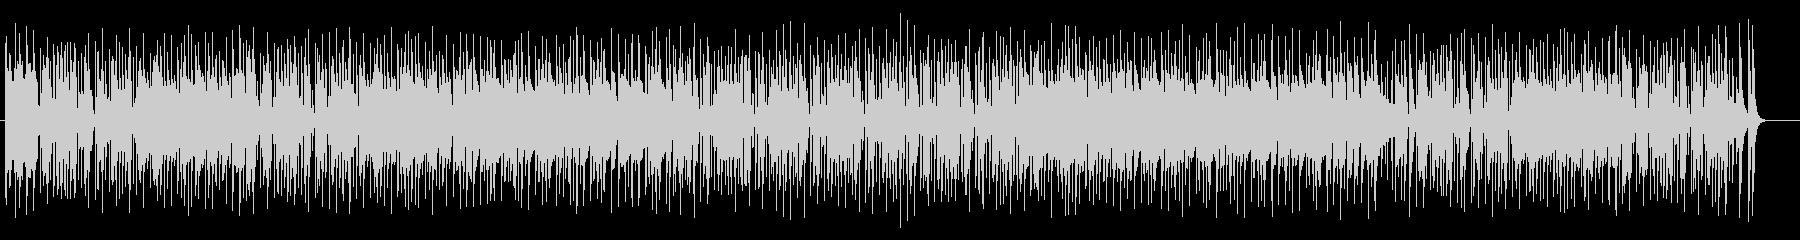 軽快でお洒落なジャズポップスの未再生の波形